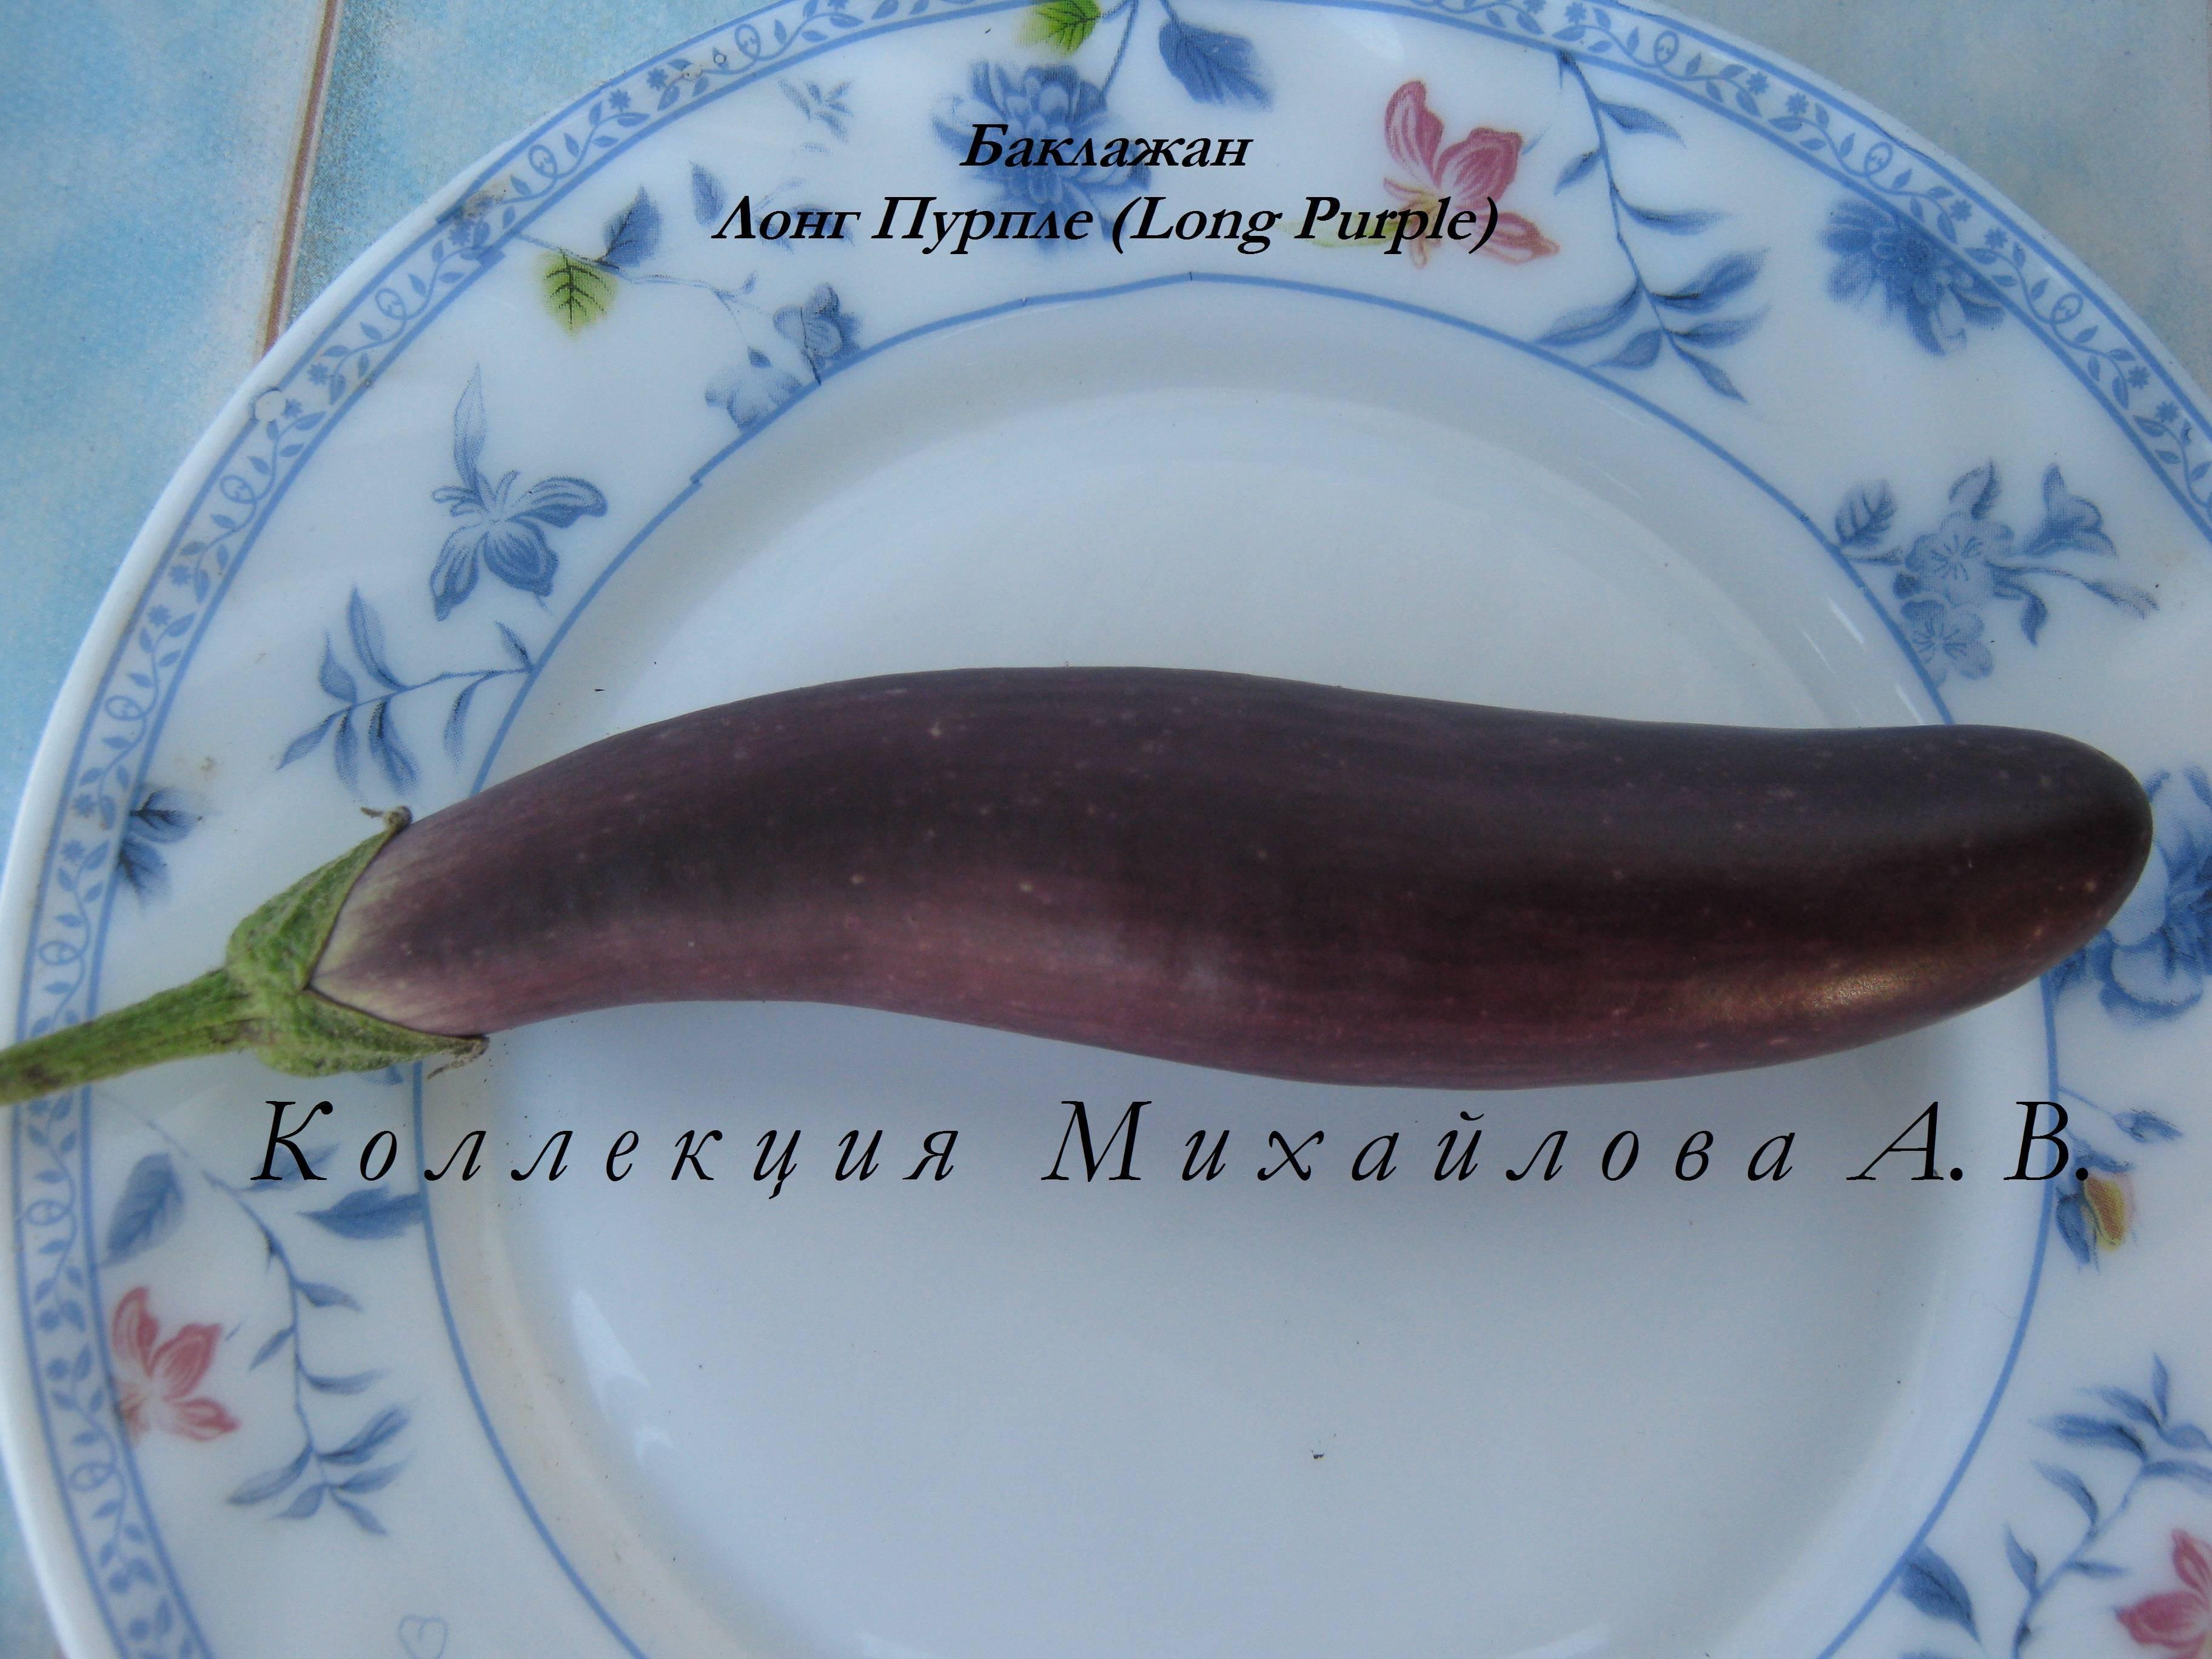 Описание баклажана «длинный фиолетовый», его характеристики, плюсы и минусы